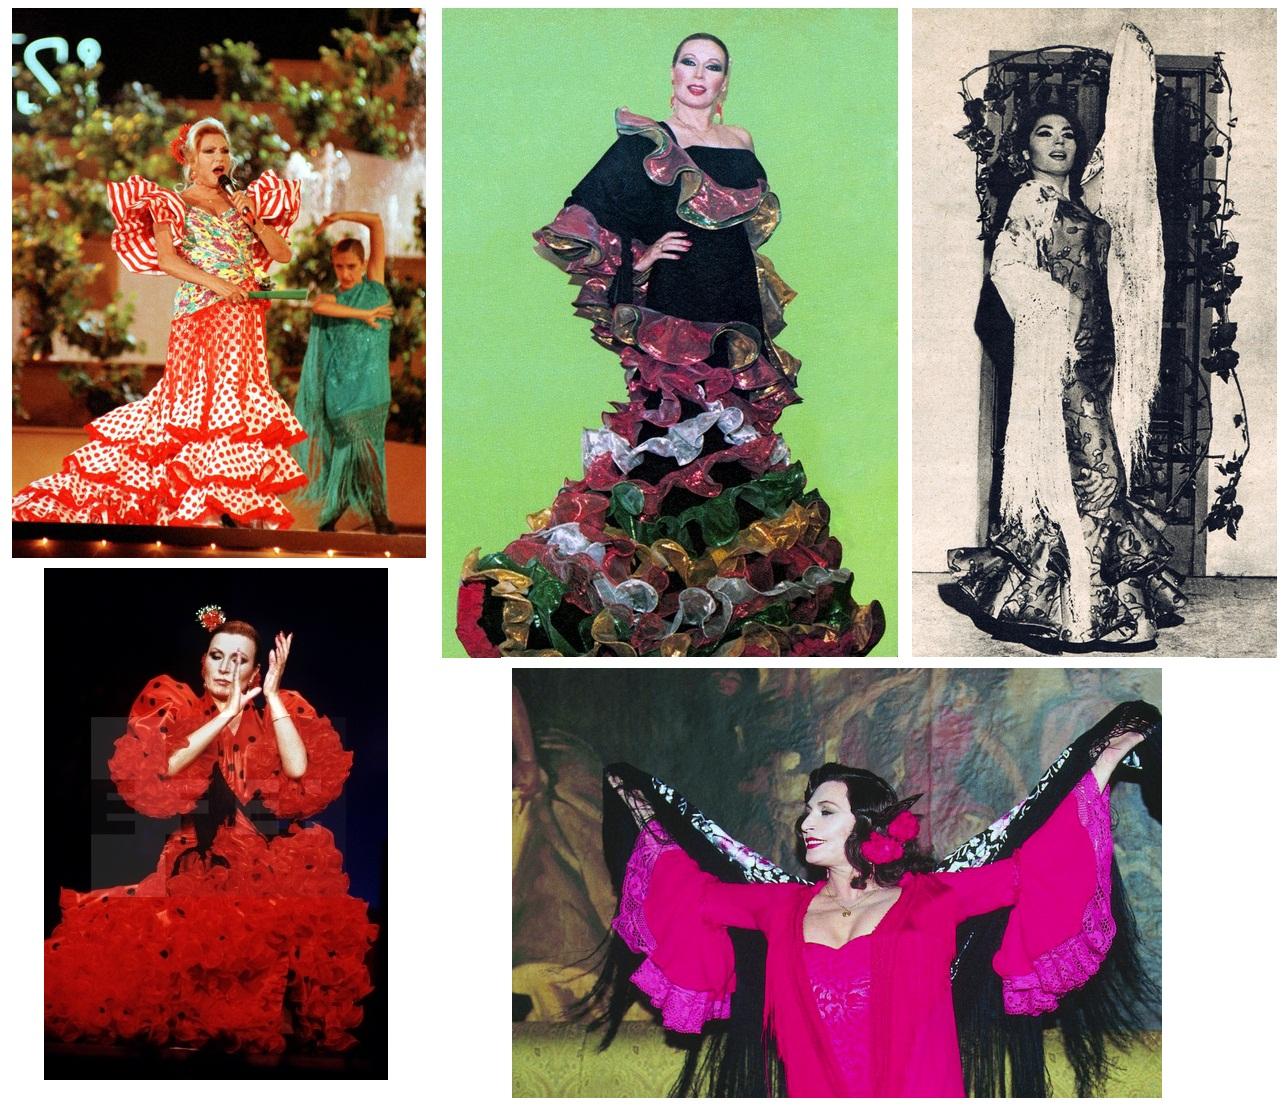 rocio jurado de flamenca 2